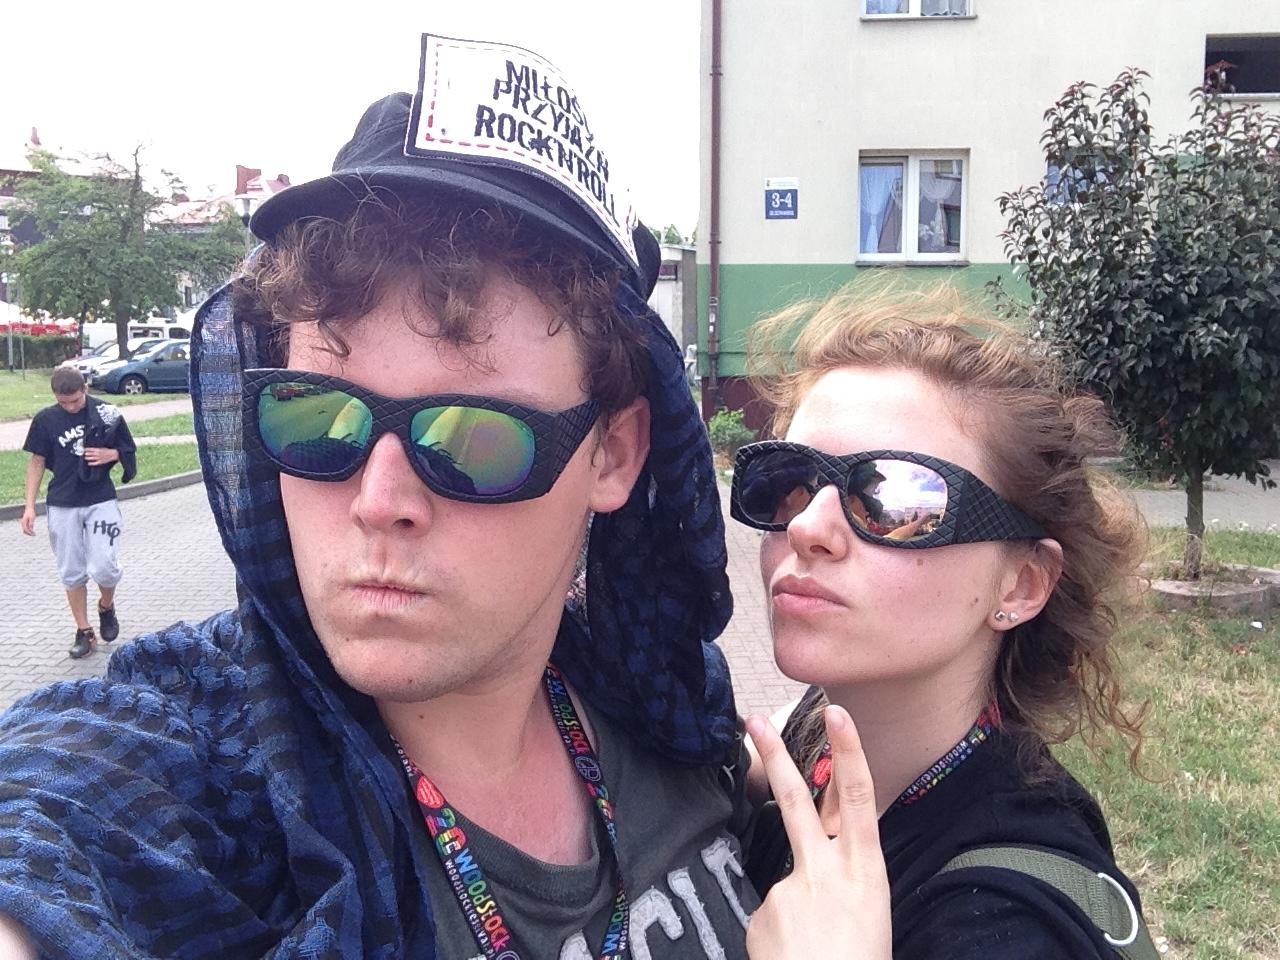 Przystanek Woodstock w damsko-męskiej rozmowie [Andrzej + Karolina]